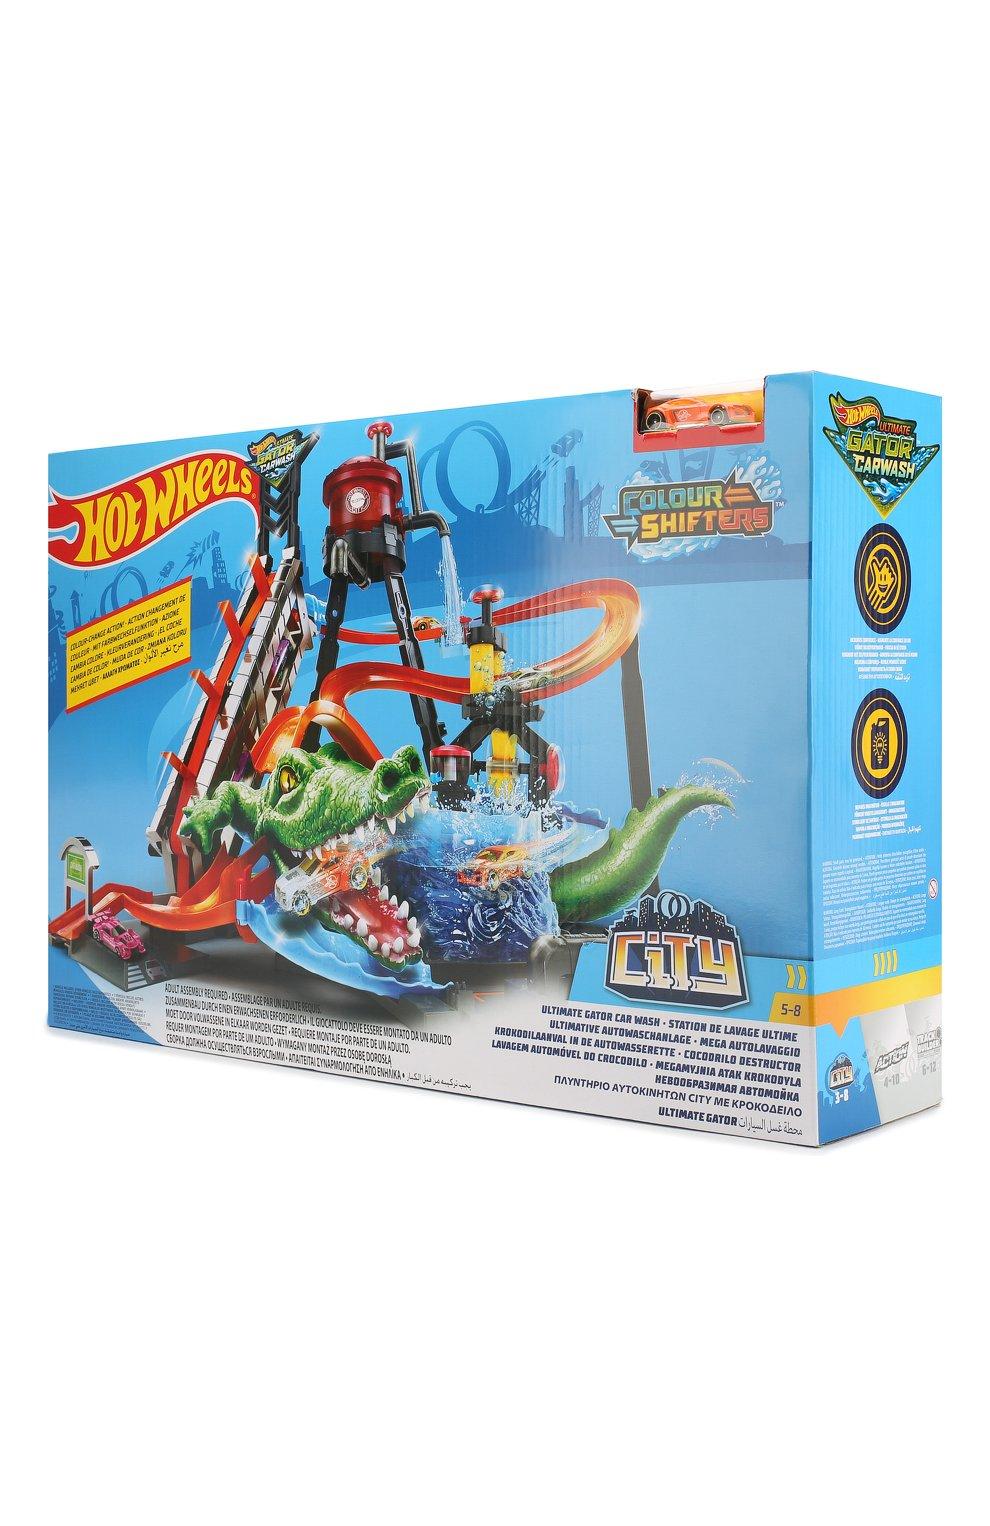 Nabor Hot Wheels Gator Carwash Mattel Raznocvetnogo Cveta Kupit